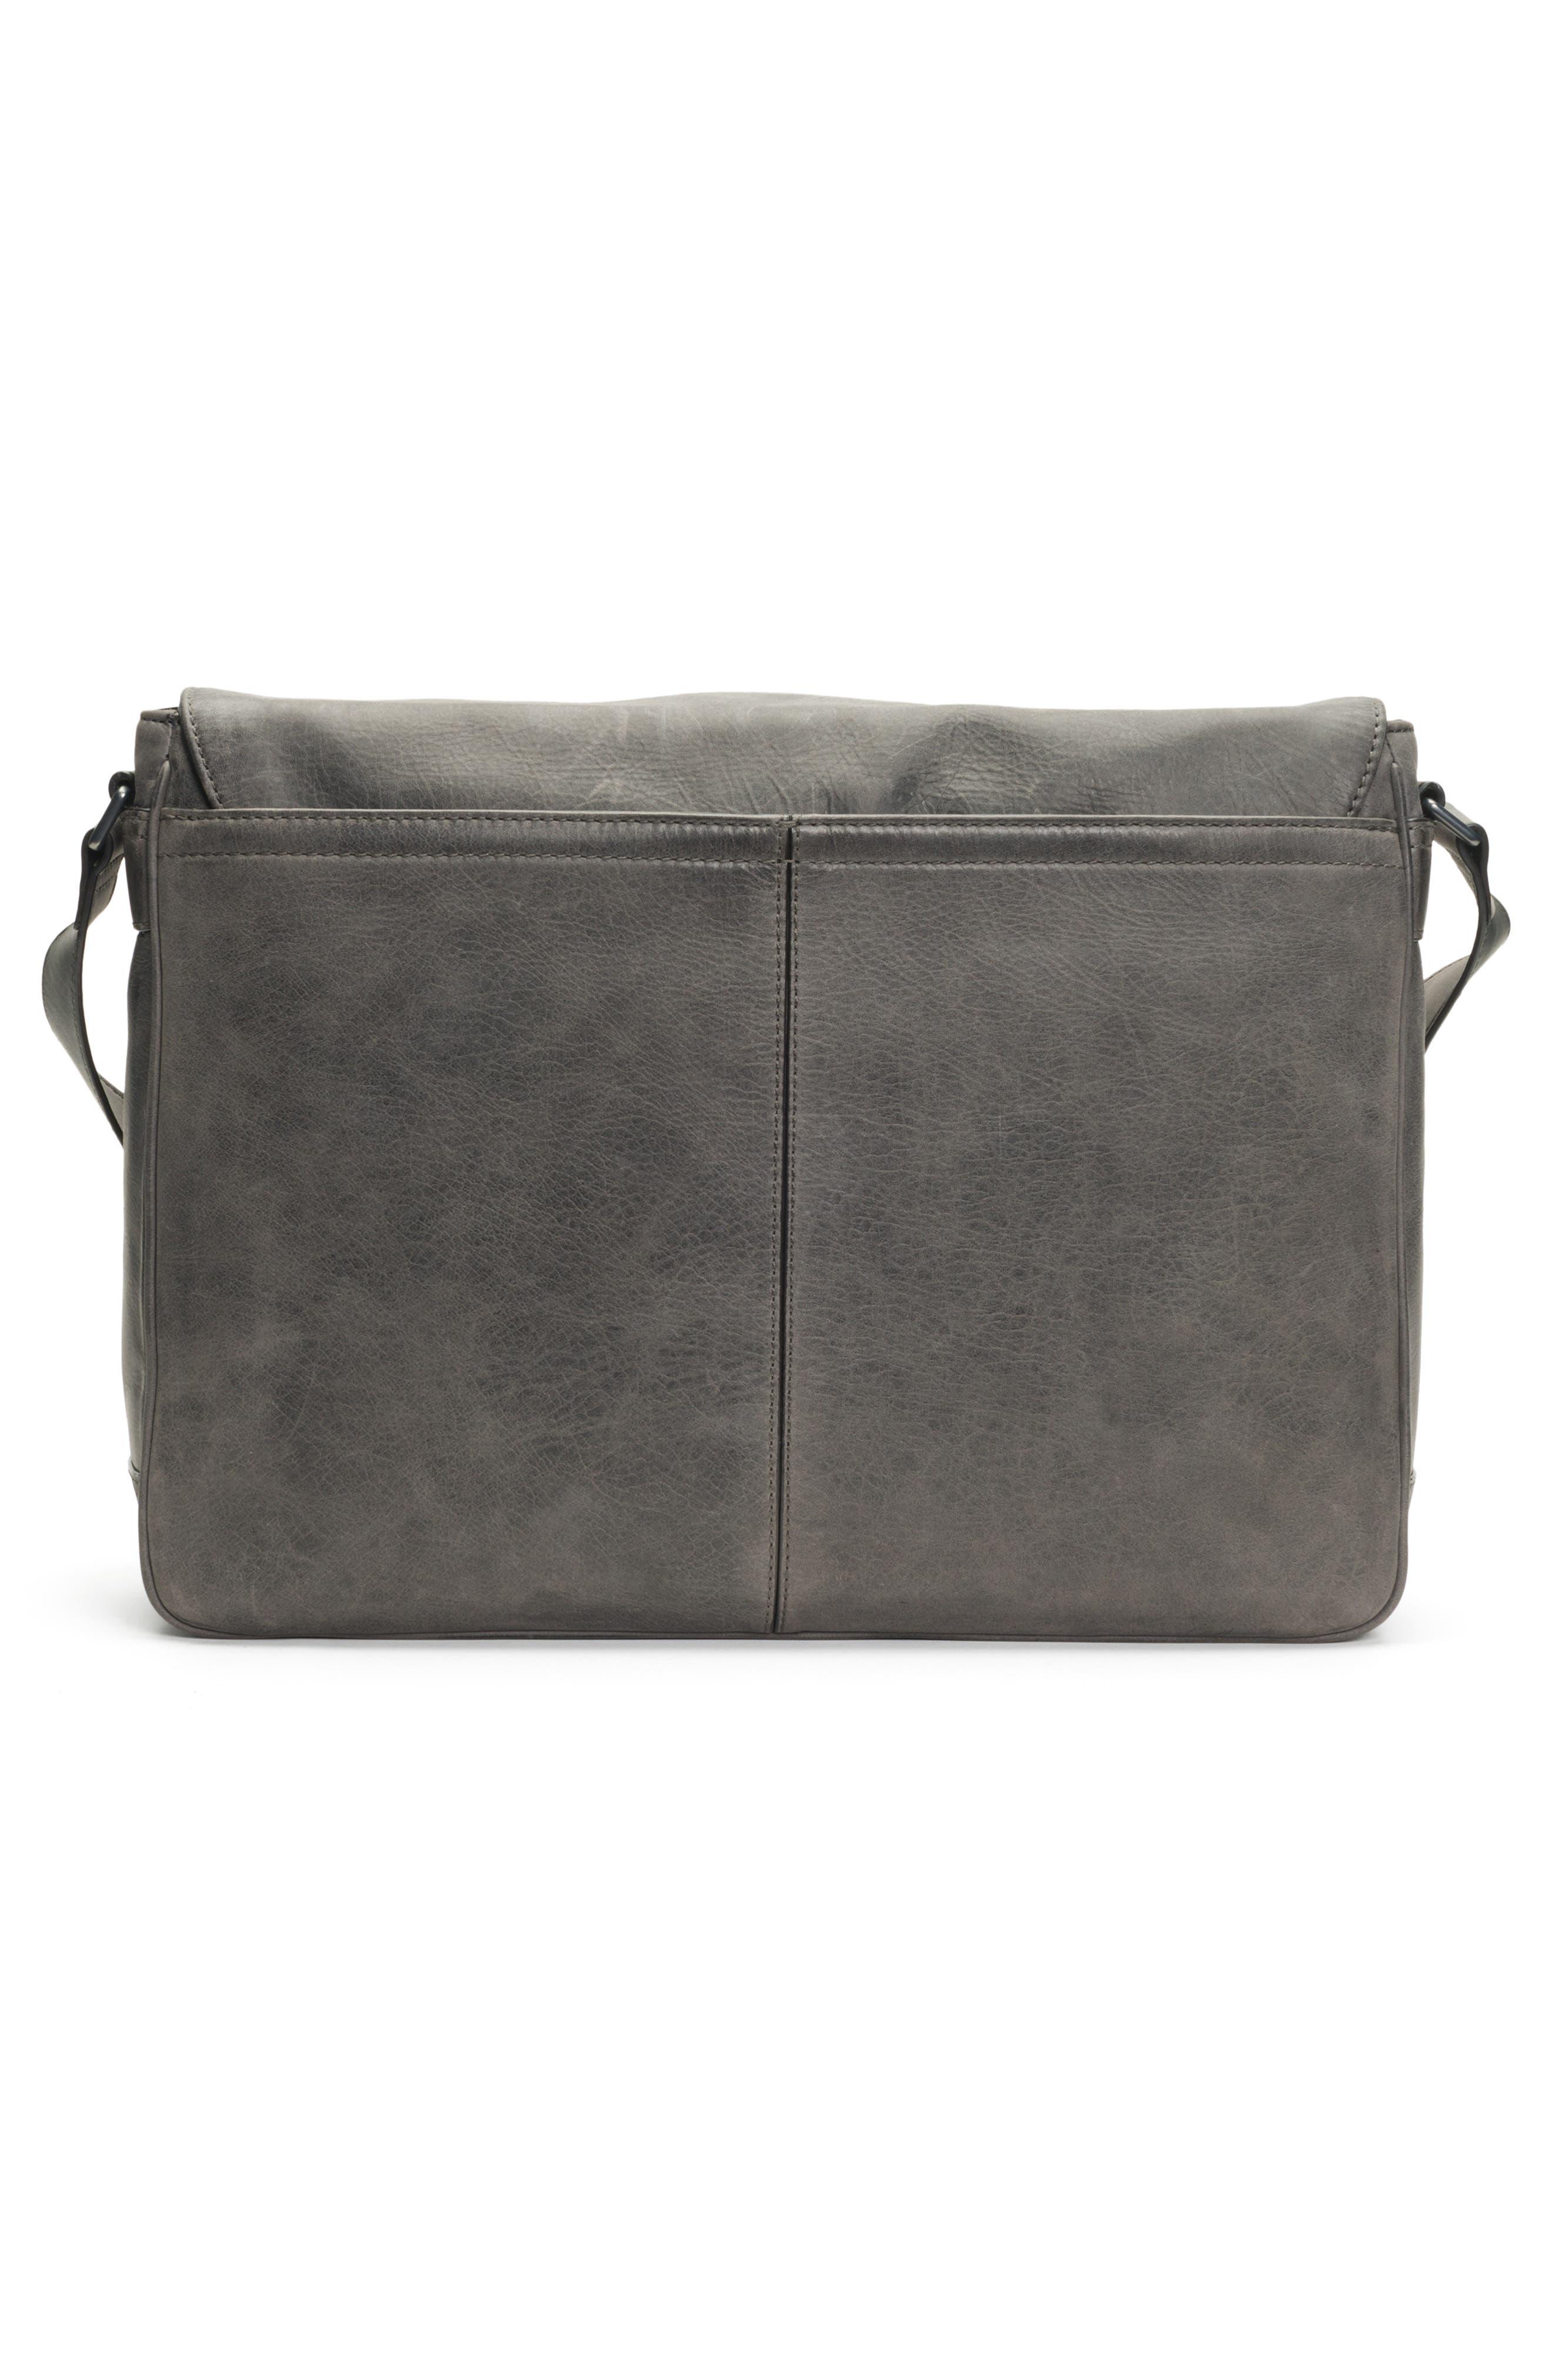 FRYE, Oliver Leather Messenger Bag, Alternate thumbnail 4, color, 031